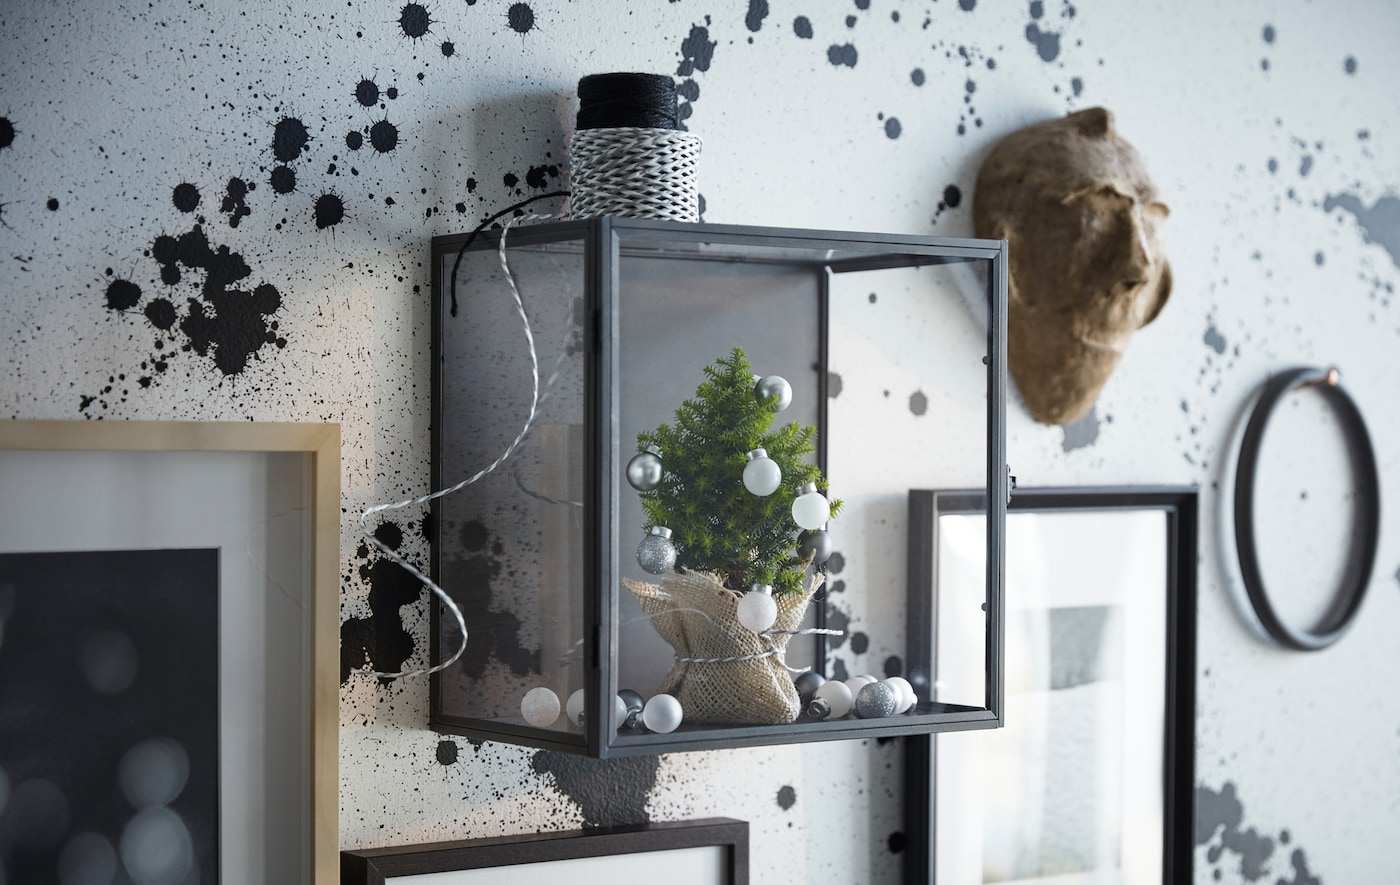 Procura novas ideias de decoração natalícia para a sua sala? Crie uma decoração de parede com uma mini árvore numa caixa. A moldura para exposição BARKHYTTAN da IKEA é um ótimo local para colocar a sua mini árvore.